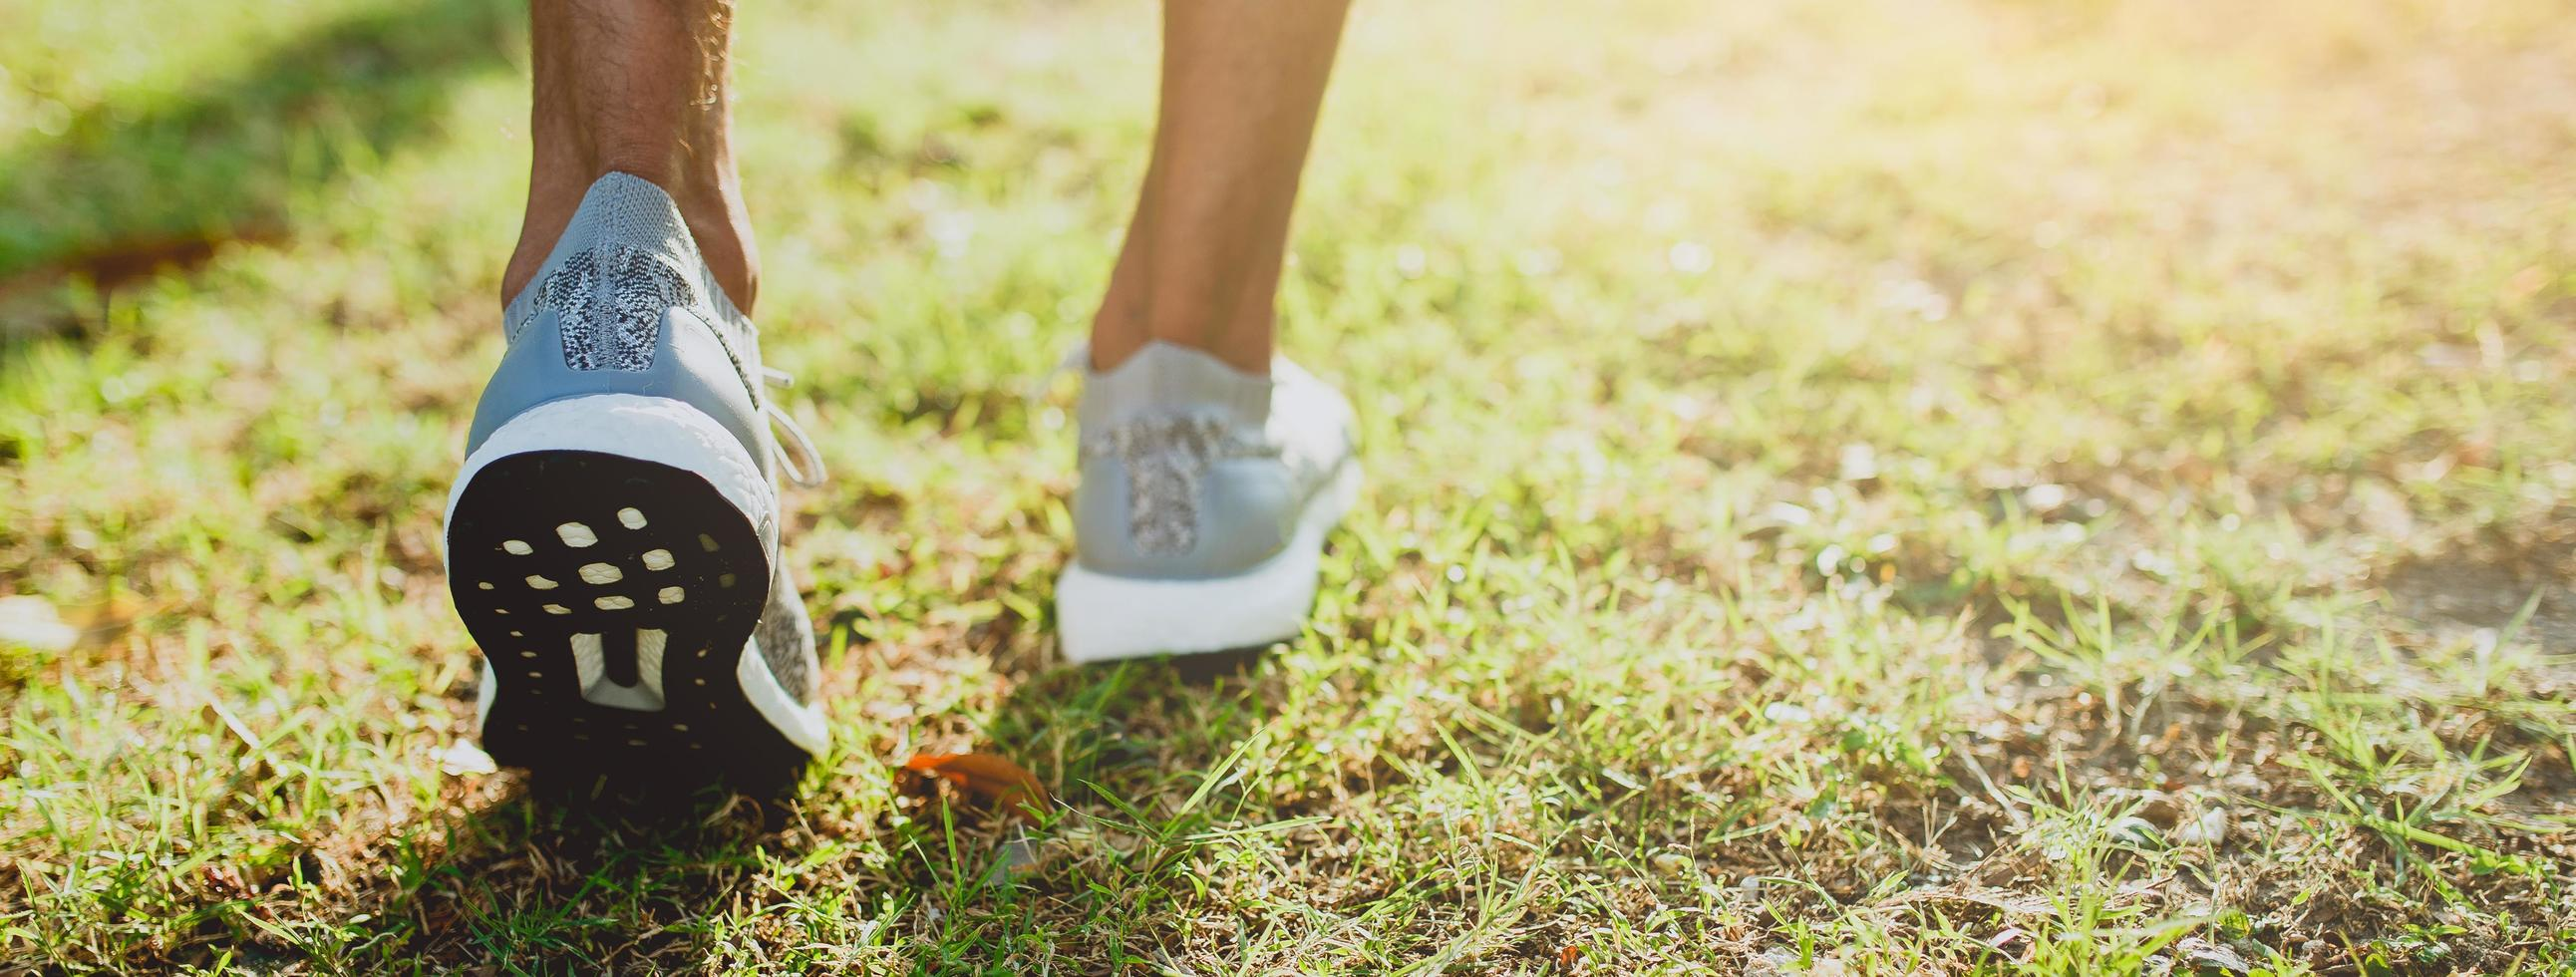 bijgesneden weergave van hardlopen voeten buiten foto